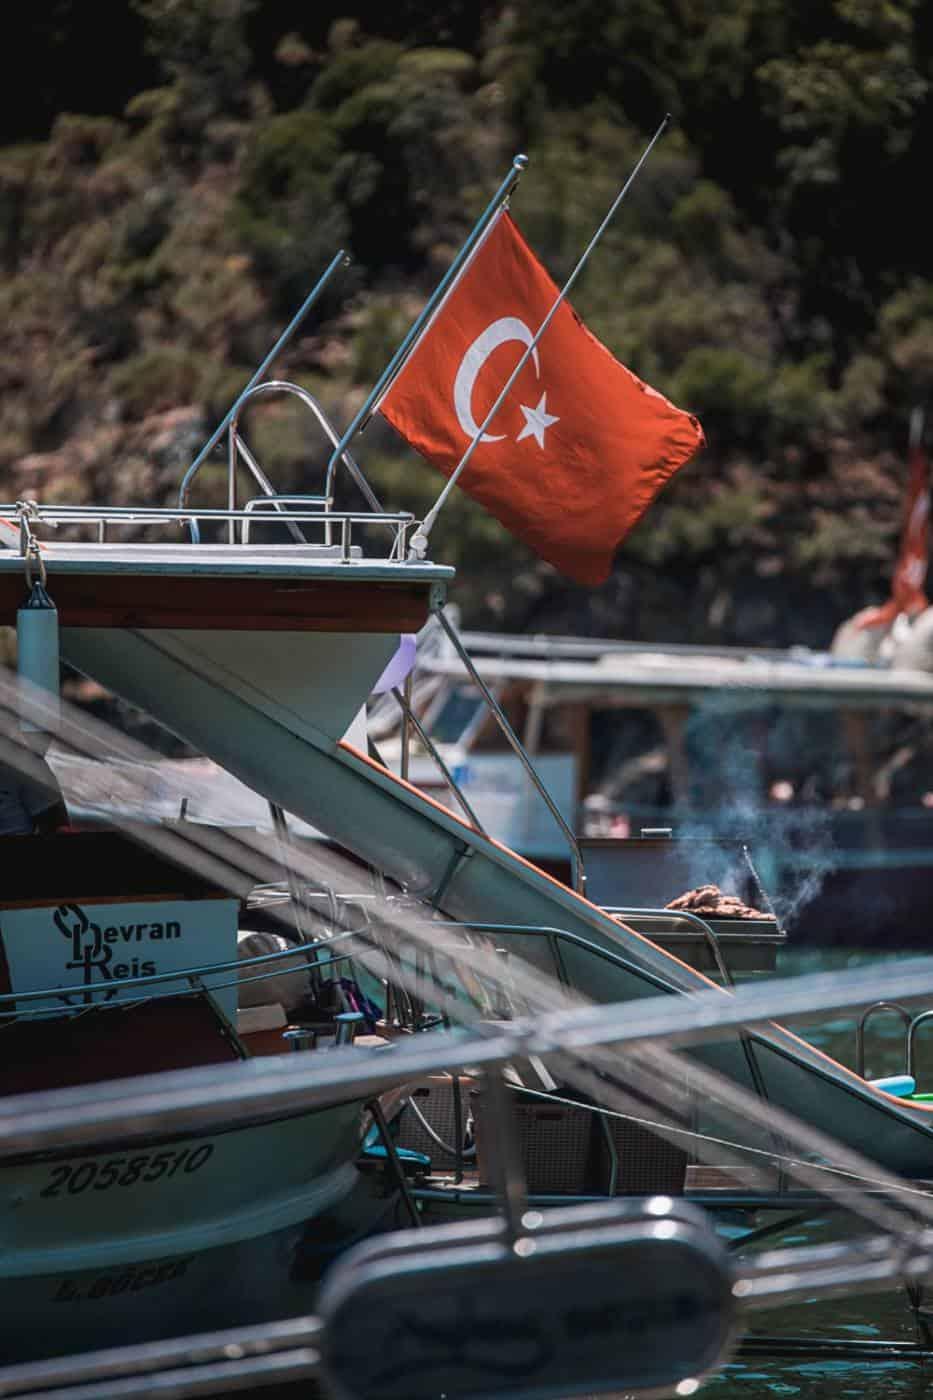 Dalyan river cruise in Marmaris Turkey